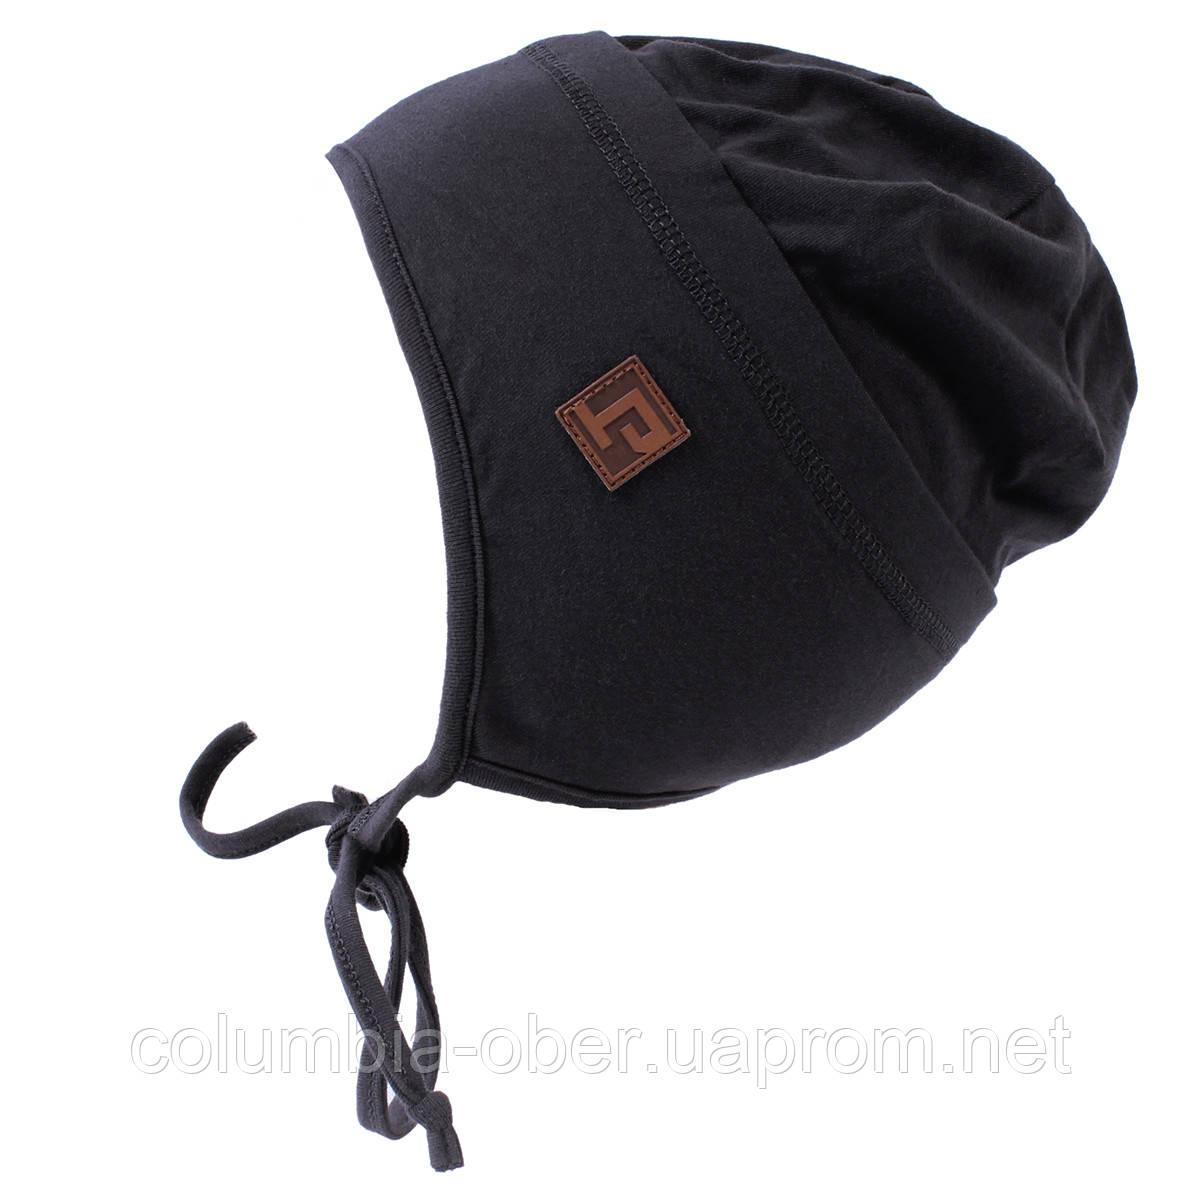 Демисезонная шапка для мальчика Peluche S18 TU 57 EG Deep Gray. Размеры 3/5, 6/8.